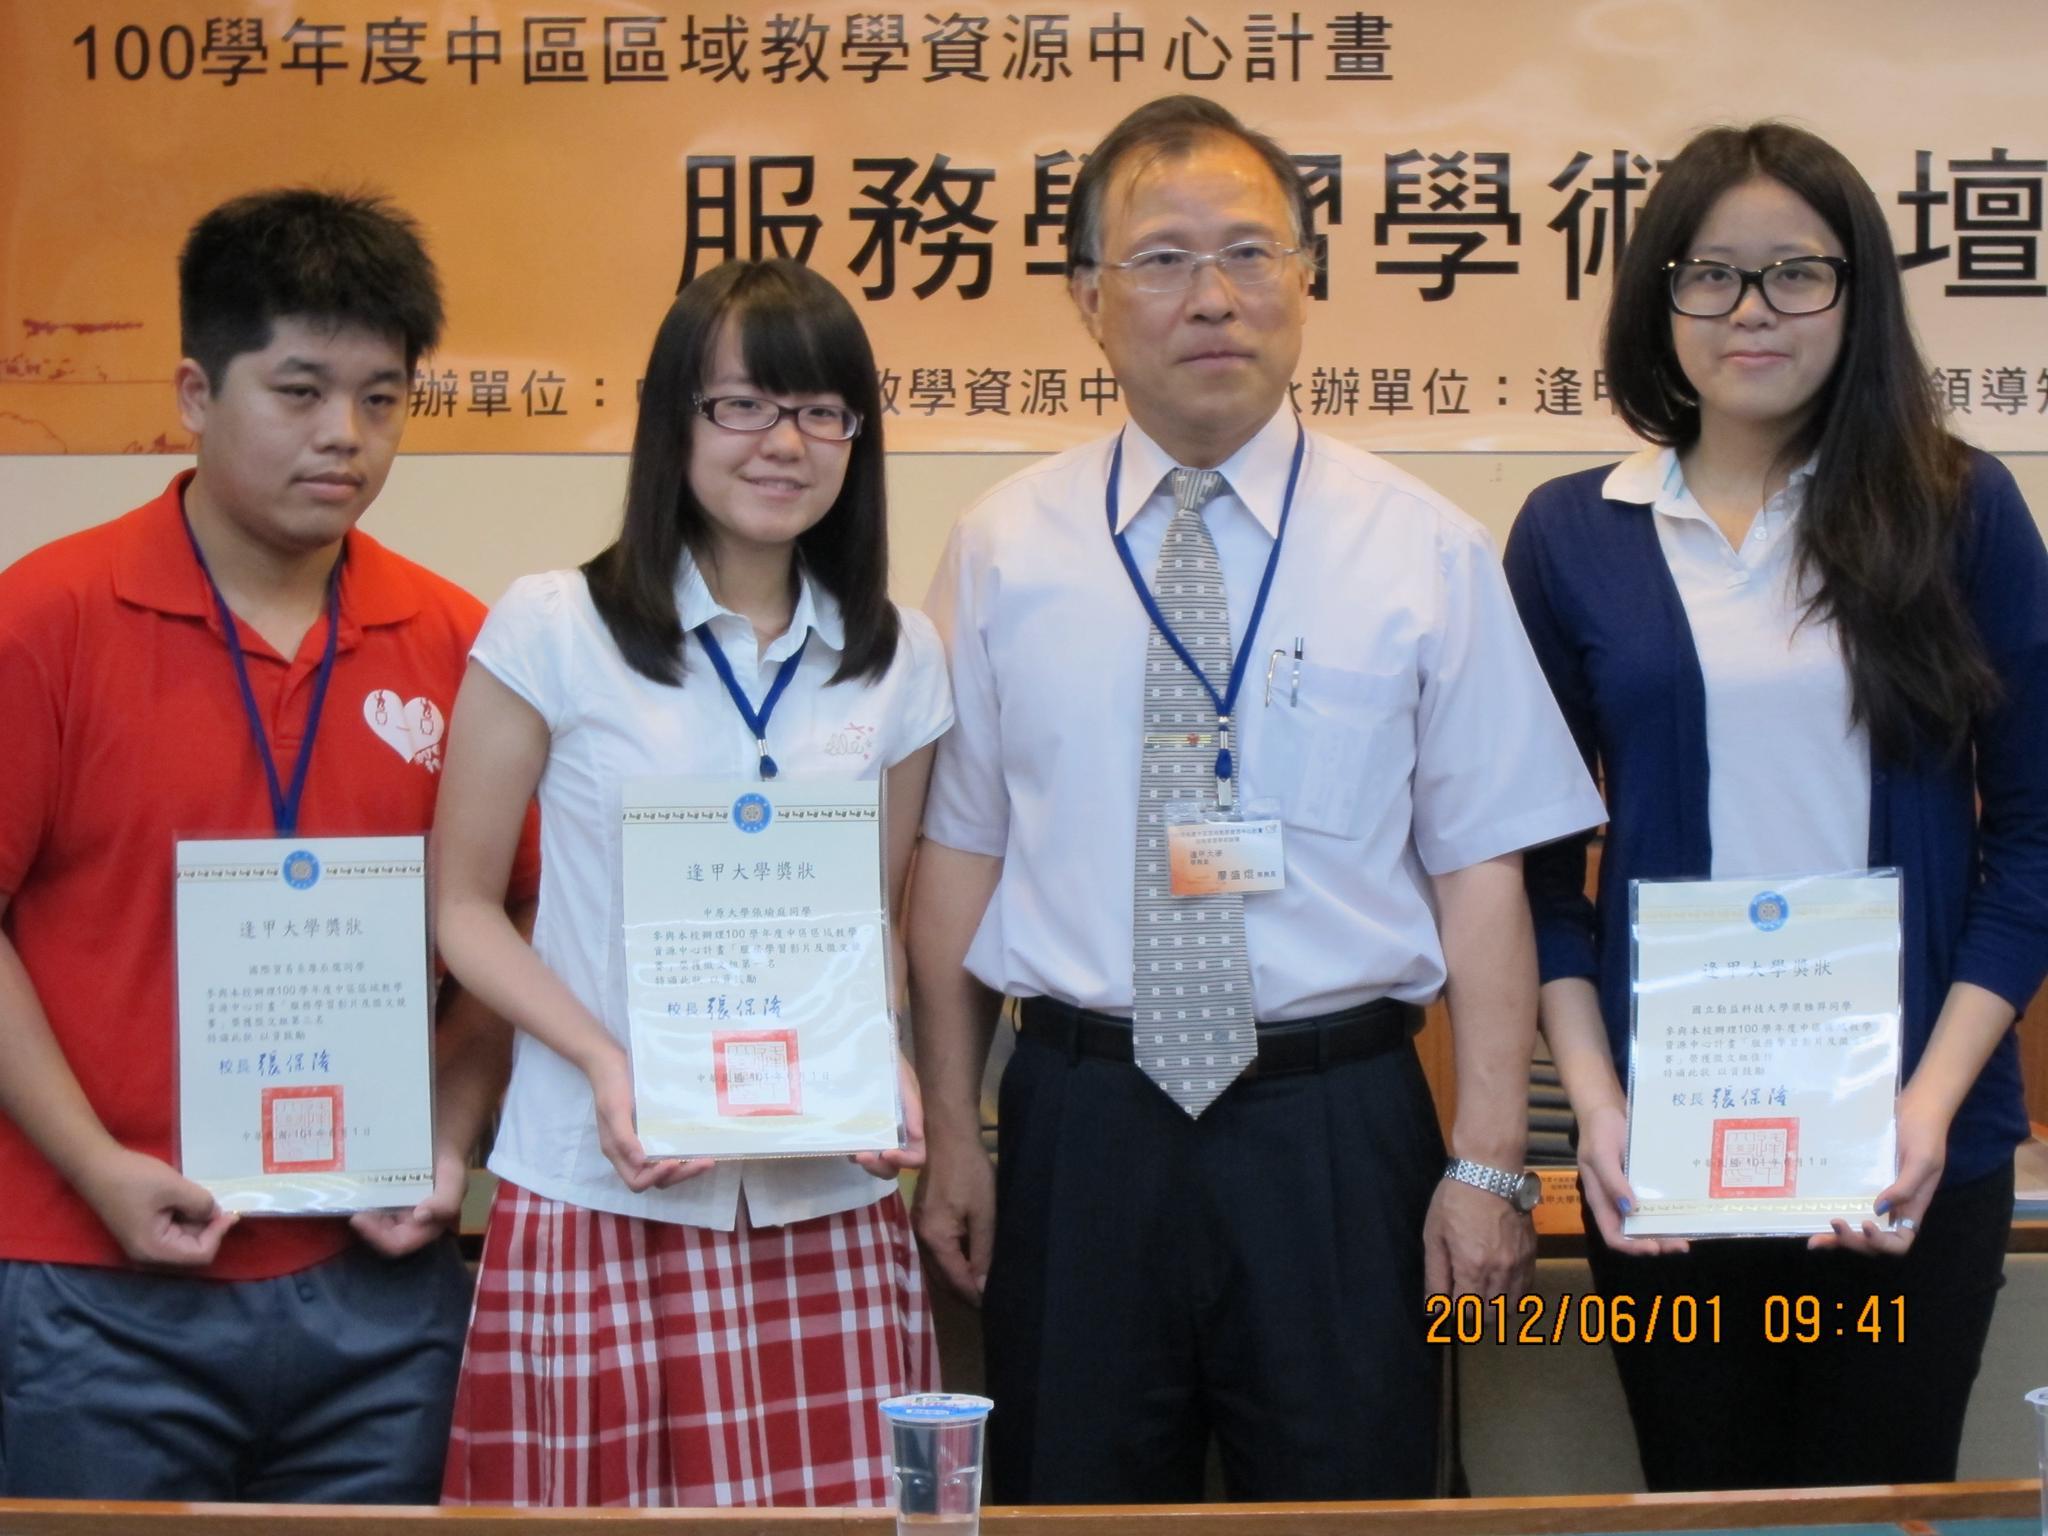 柬七班海外志工 張瑜庭、邱芷筠參賽獲獎!